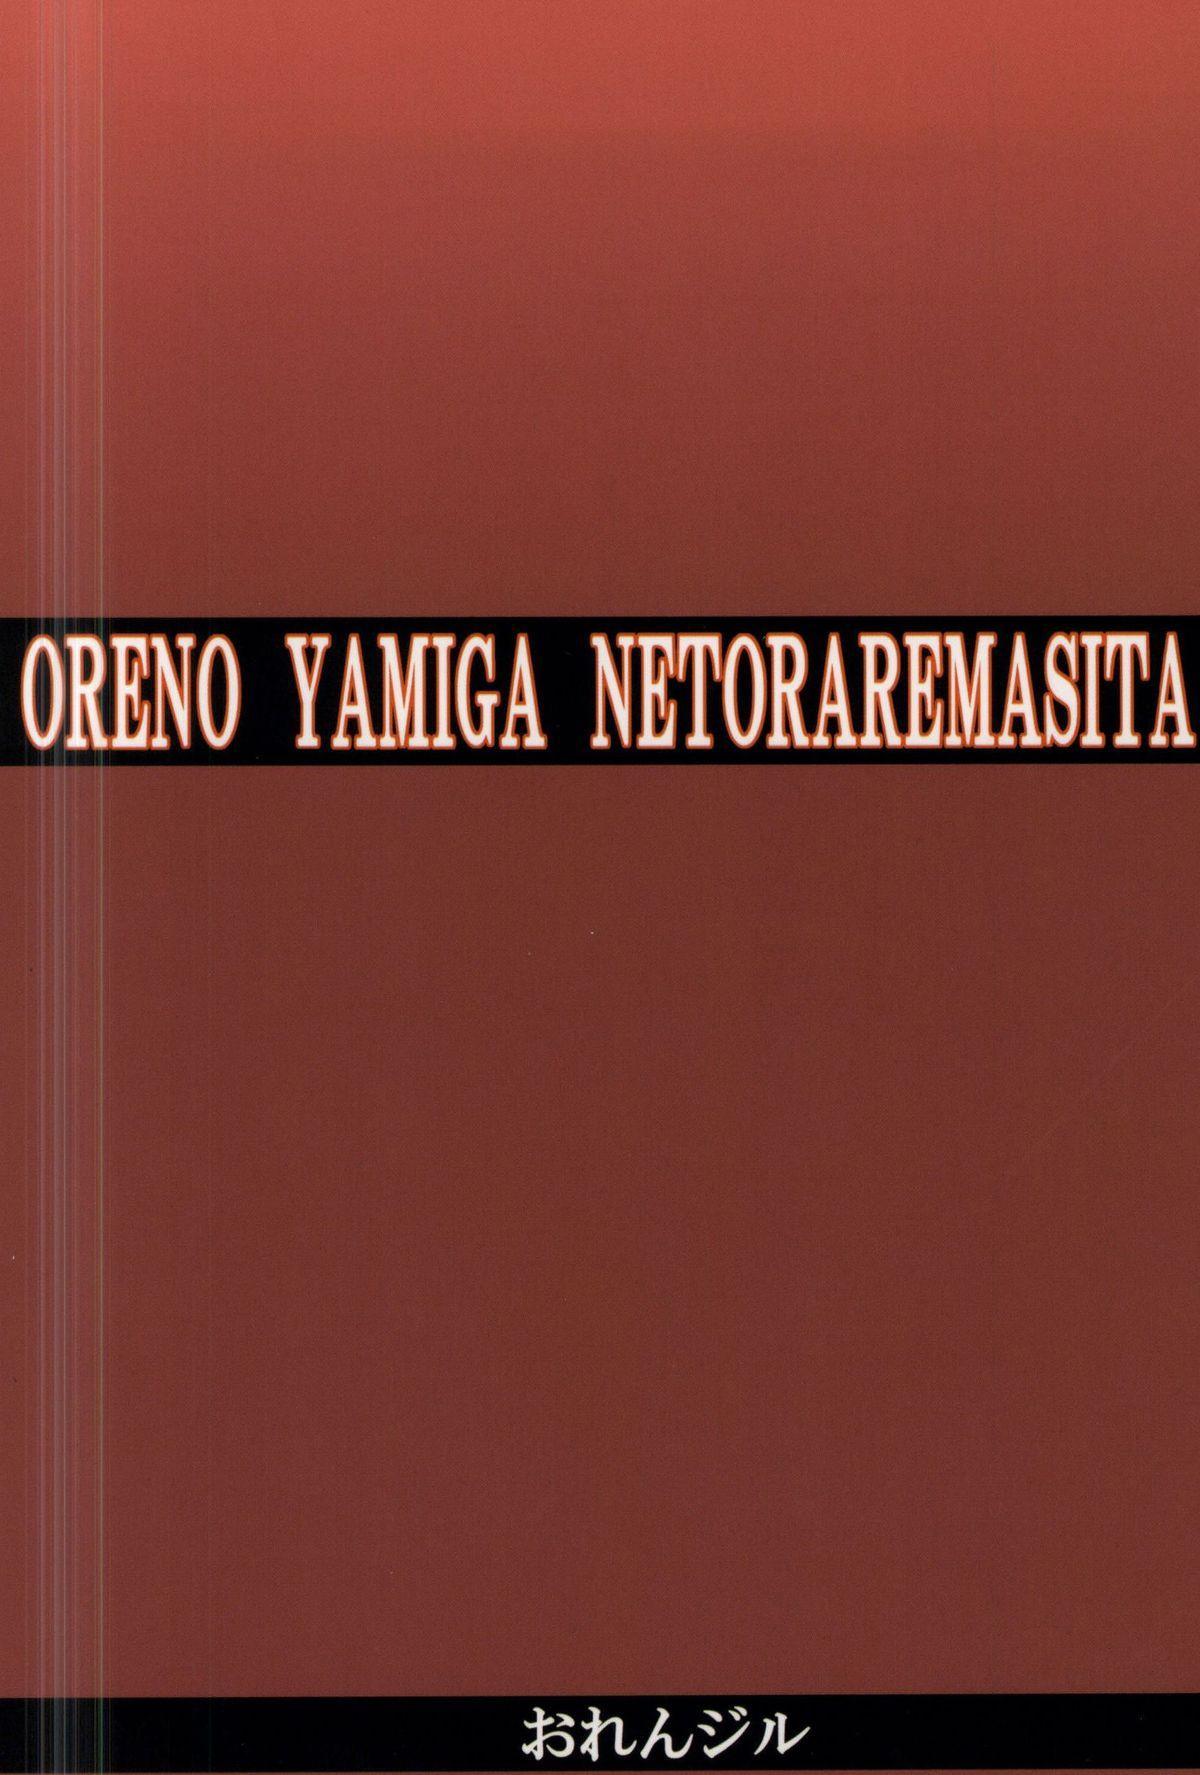 Ore no Yami ga Netoraremashita 32